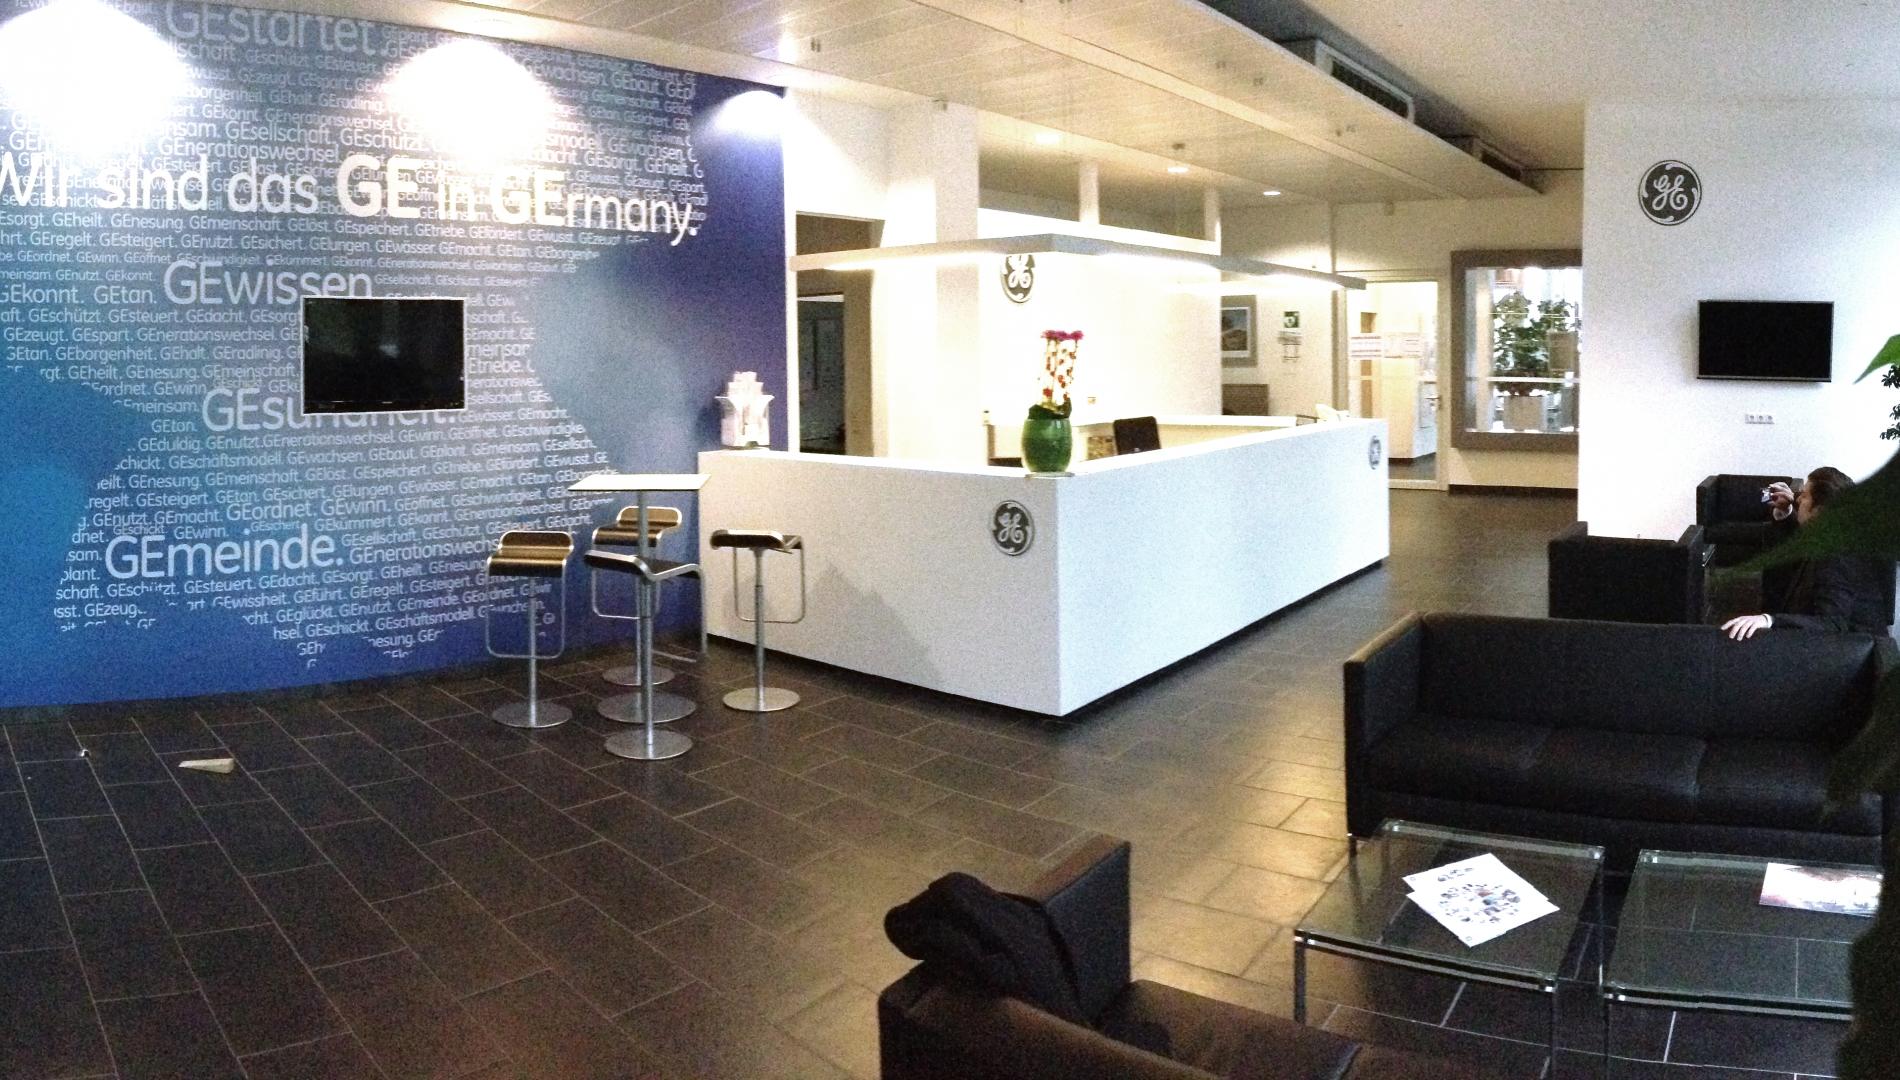 Foyer von GE Healthcare in München - Corporate Architecture und Branddesign der Agentur das formt in München